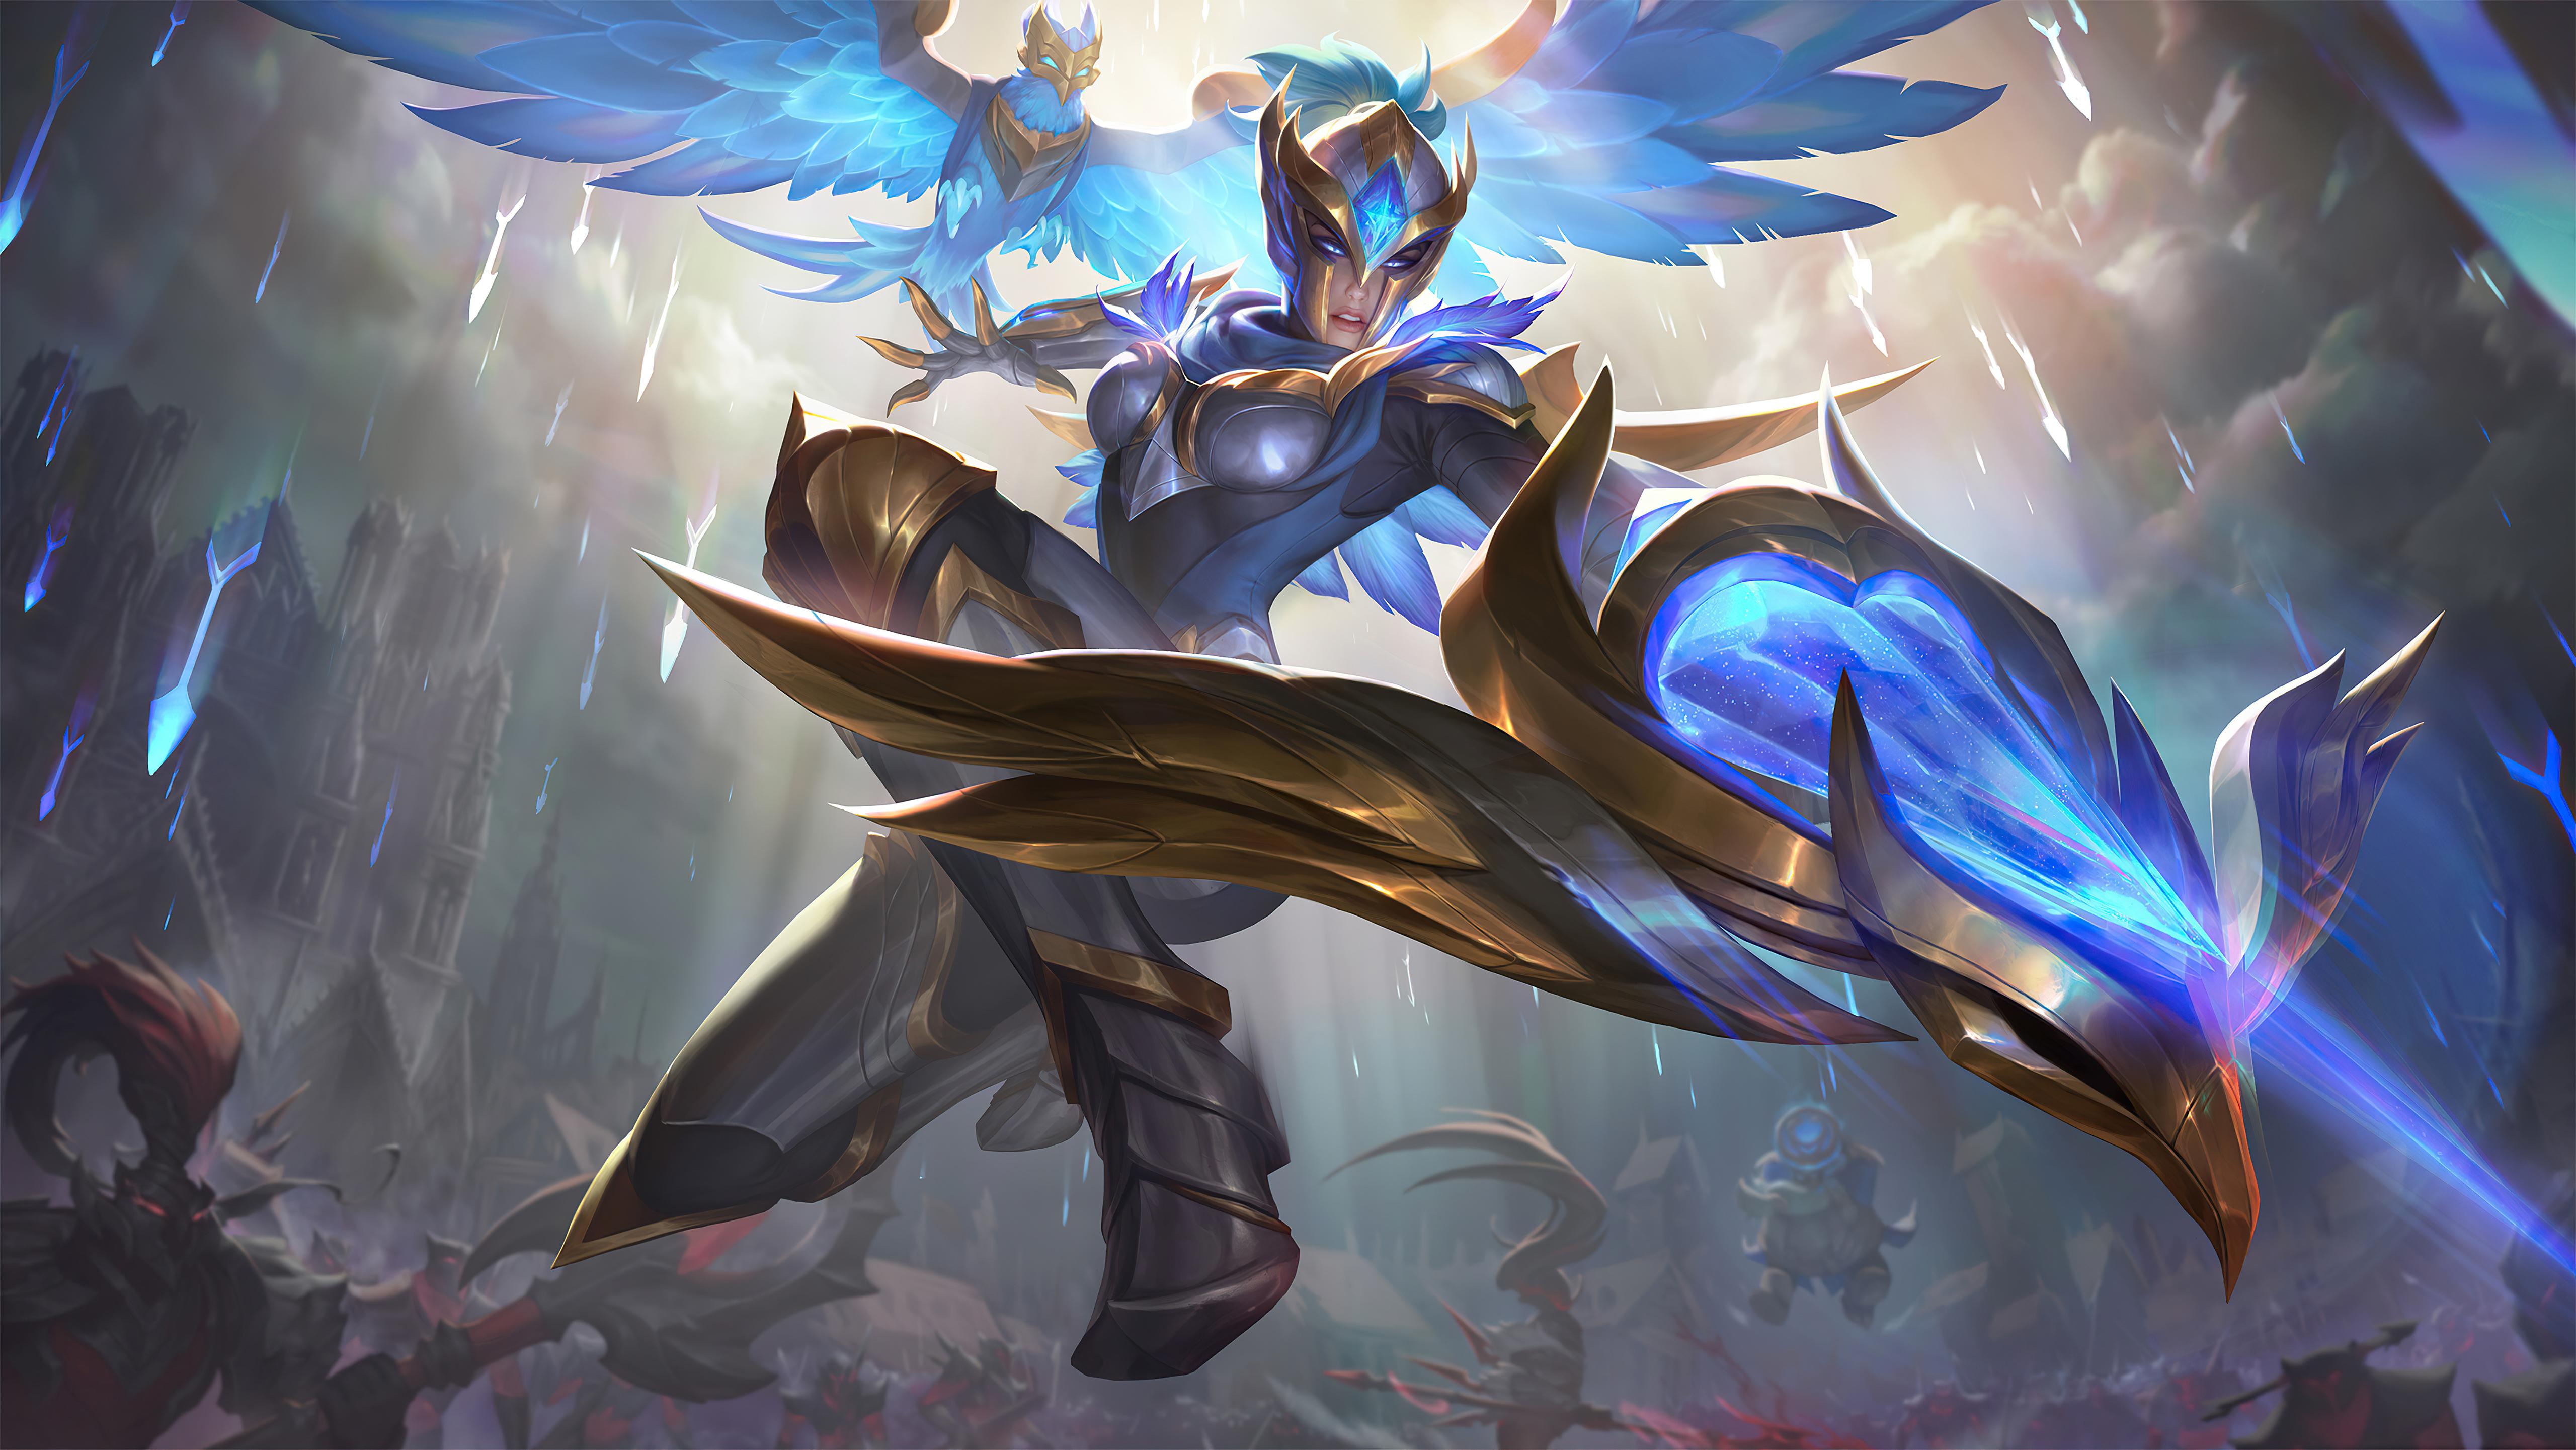 quinn league of legends 4k 1615186958 - Quinn League Of Legends 4k - Quinn League Of Legends 4k wallpapers